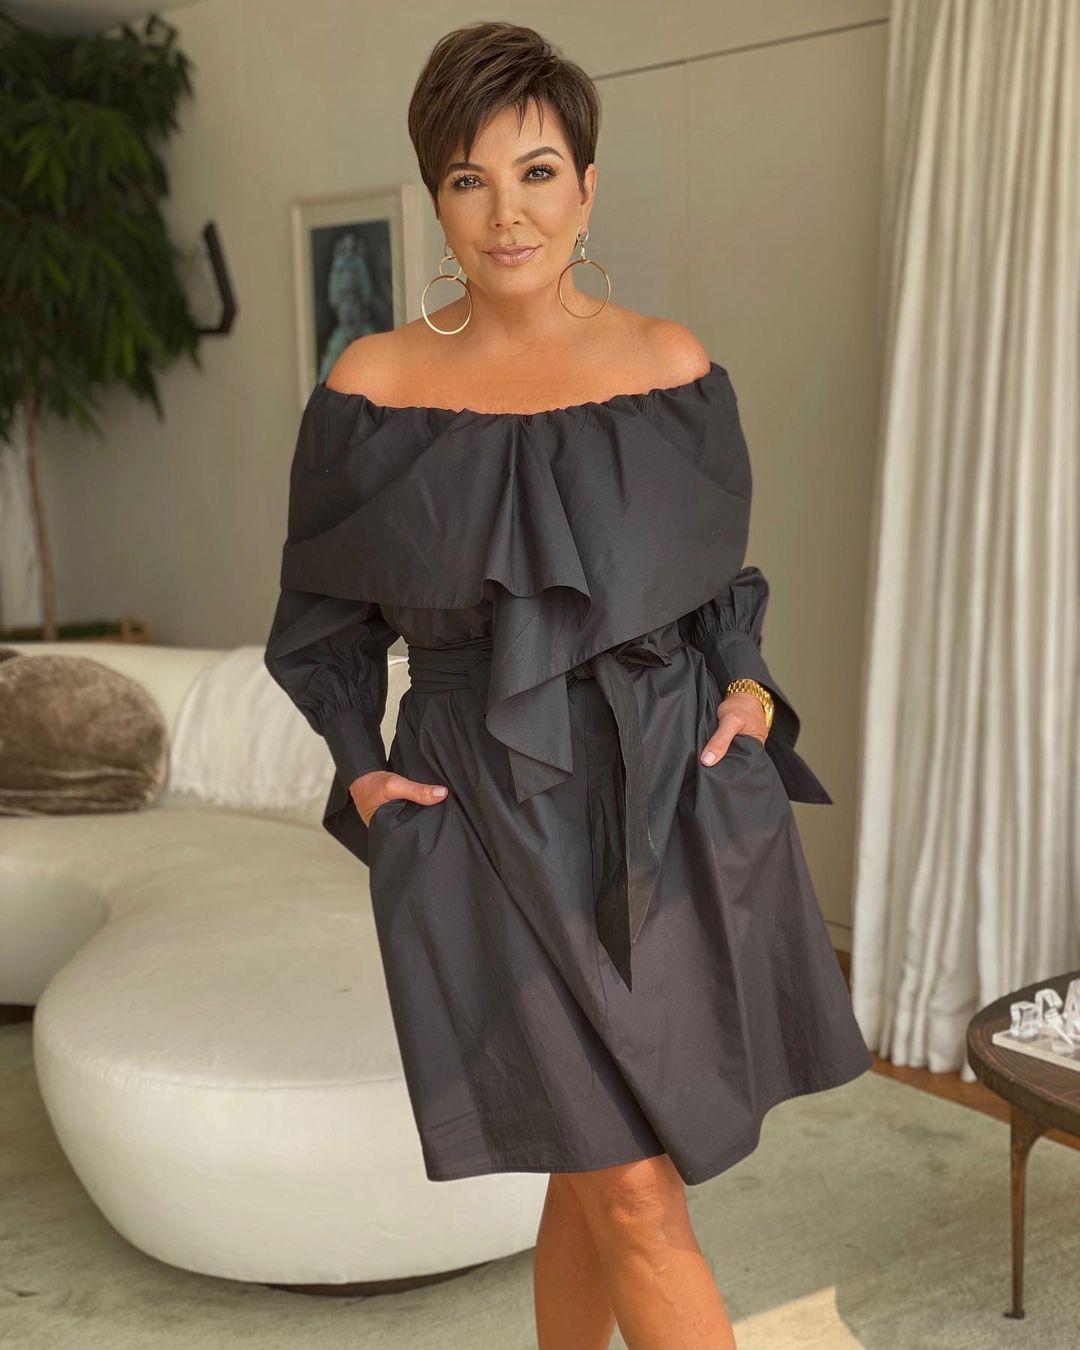 Kris Jenner là người thuyết phục giám đốc sản xuất Ryan Seacrest về ý tưởng show Keeping Up with the Kardashians và đang đảm nhận vai trò quản lý của 5 cô con gái nổi tiếng.